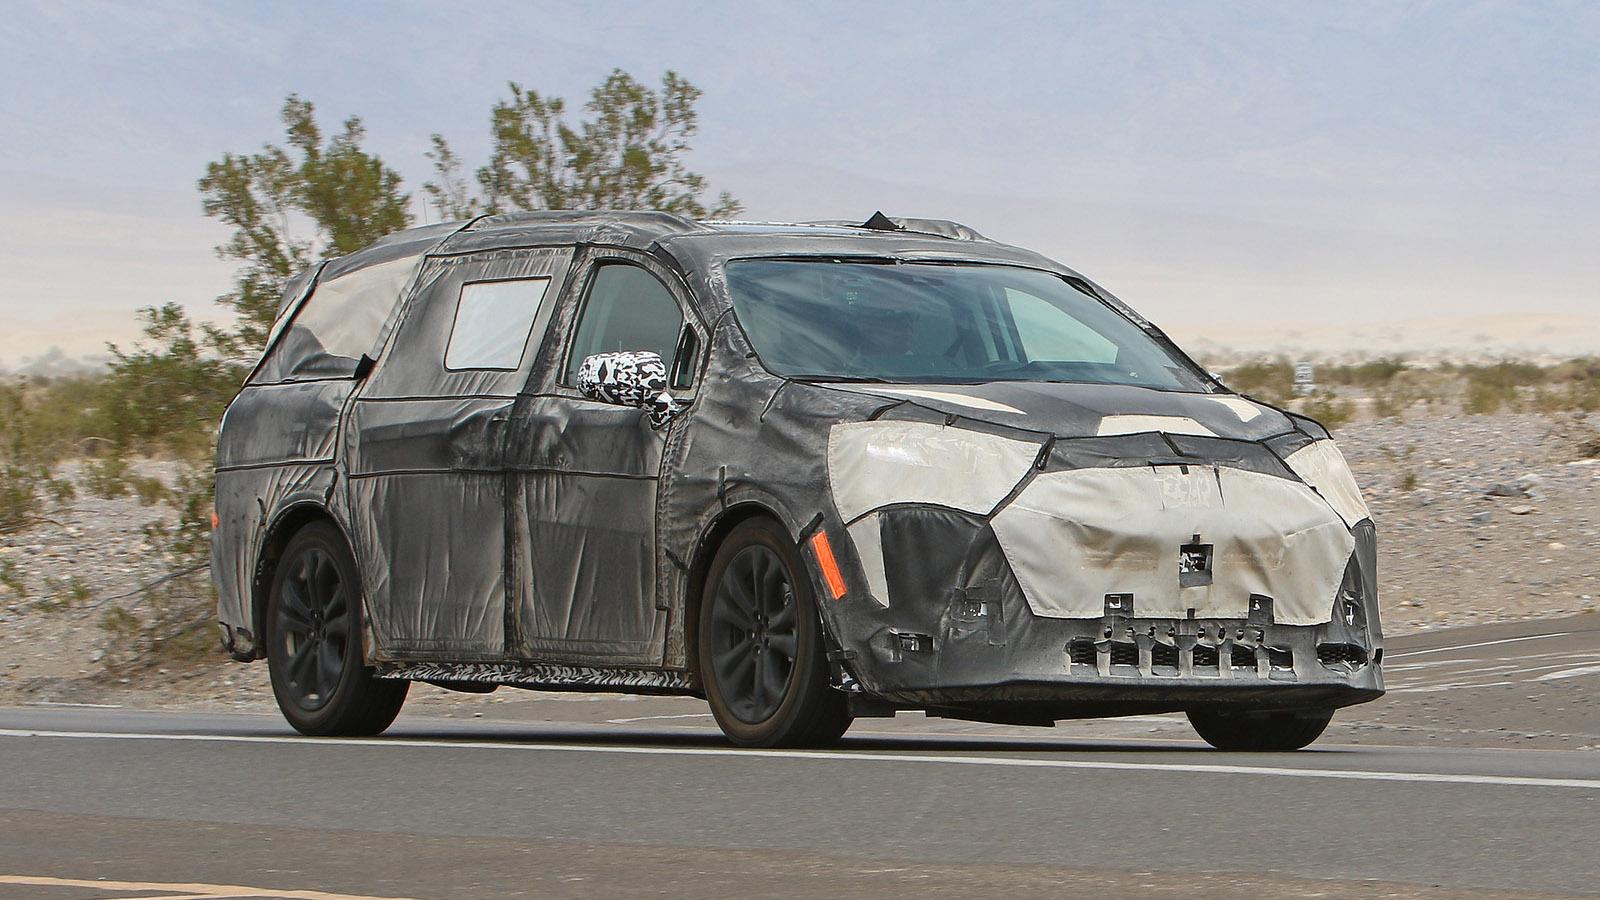 2021 Toyota Sienna caught testing in Death Valley - Autoblog